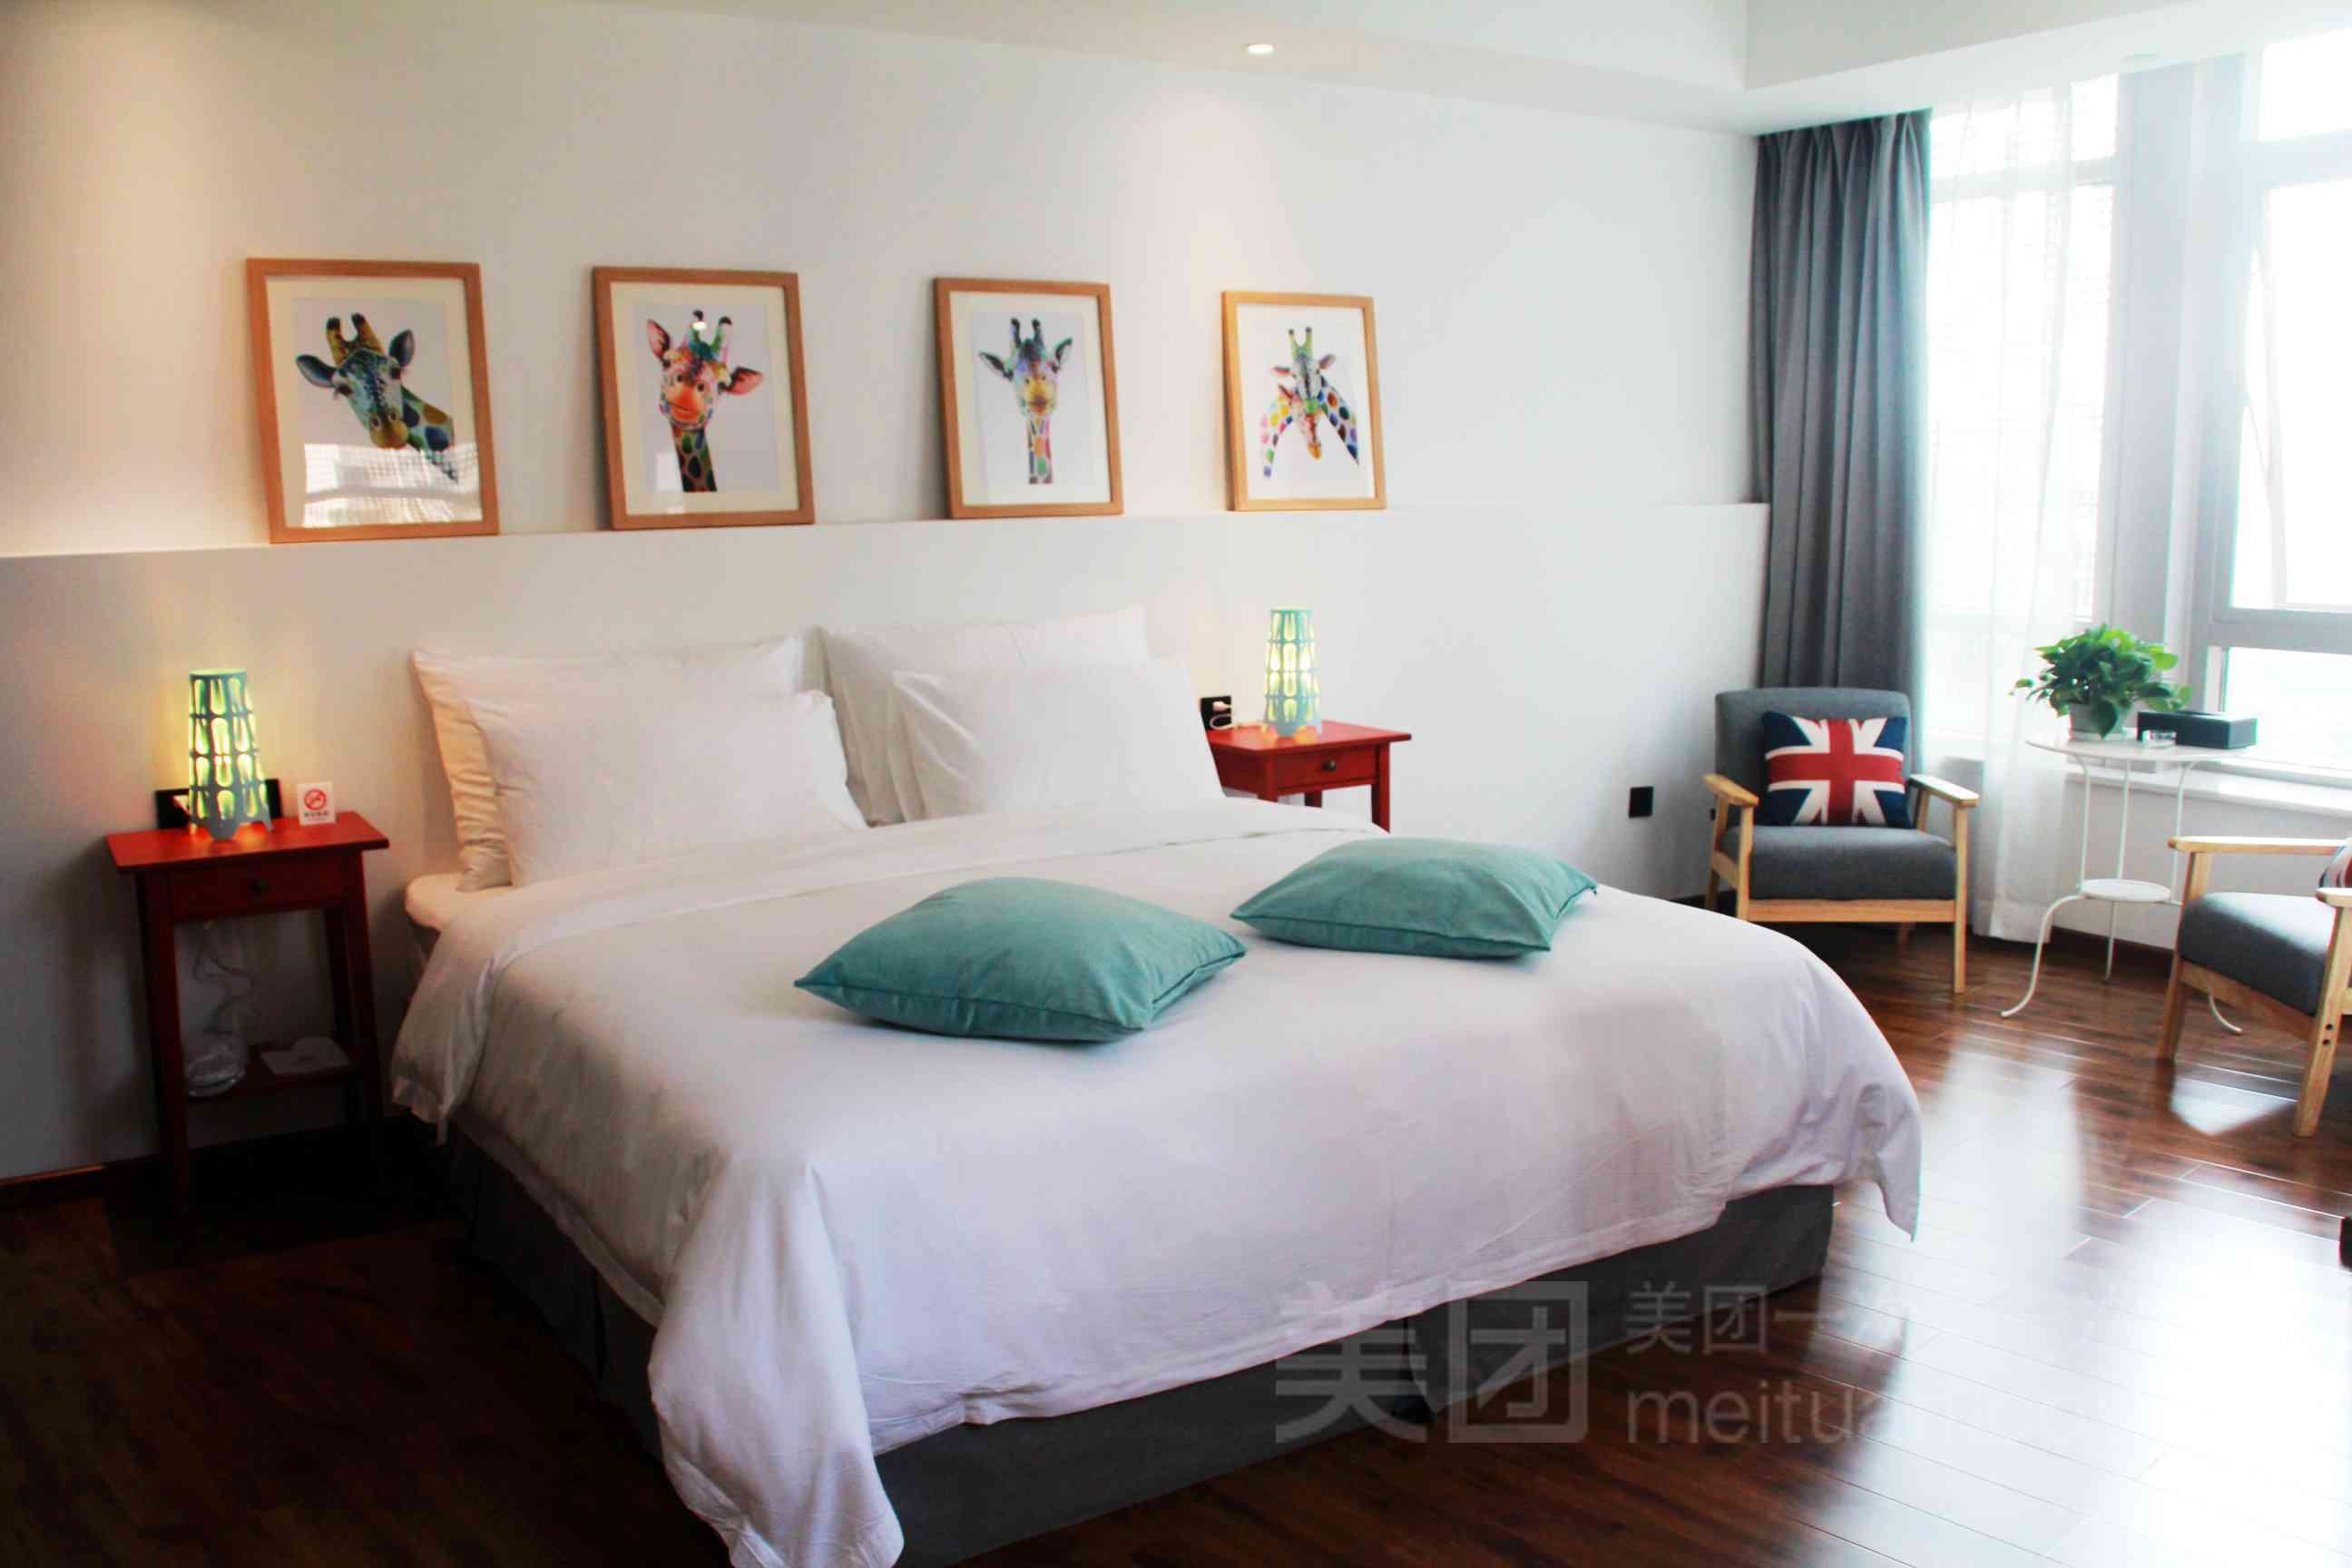 纳维亚酒店北欧风格的装修设计简单大方,选用宜家家居,小林寑饰,玮瓓